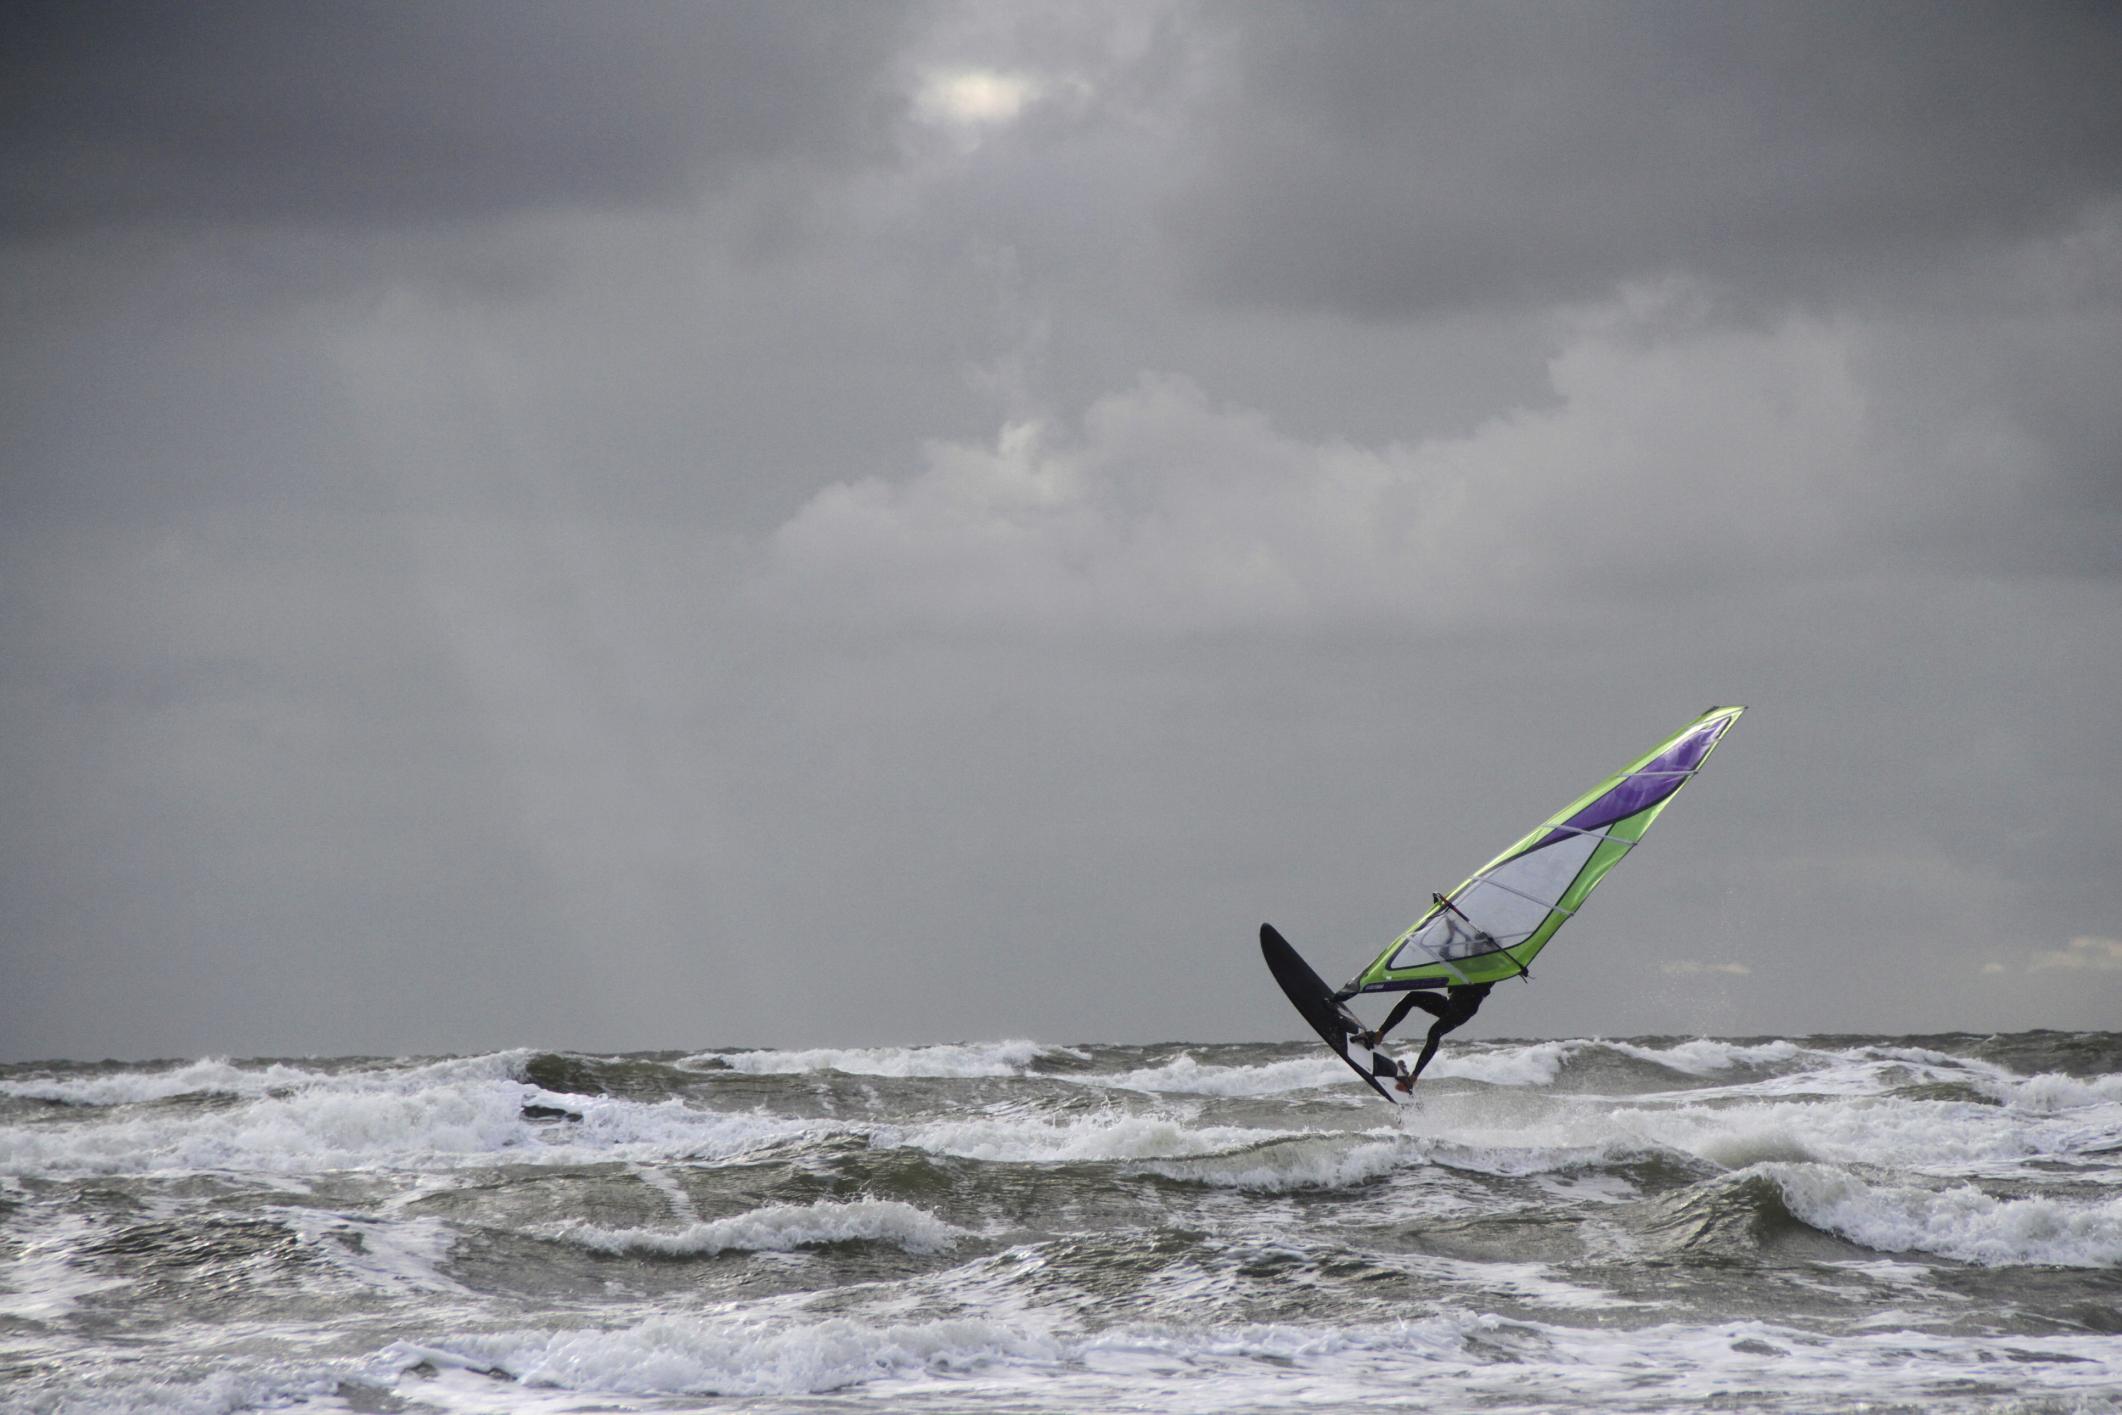 Aktivurlaub auf Sylt – Rad fahren, surfen und Strandspaziergänge